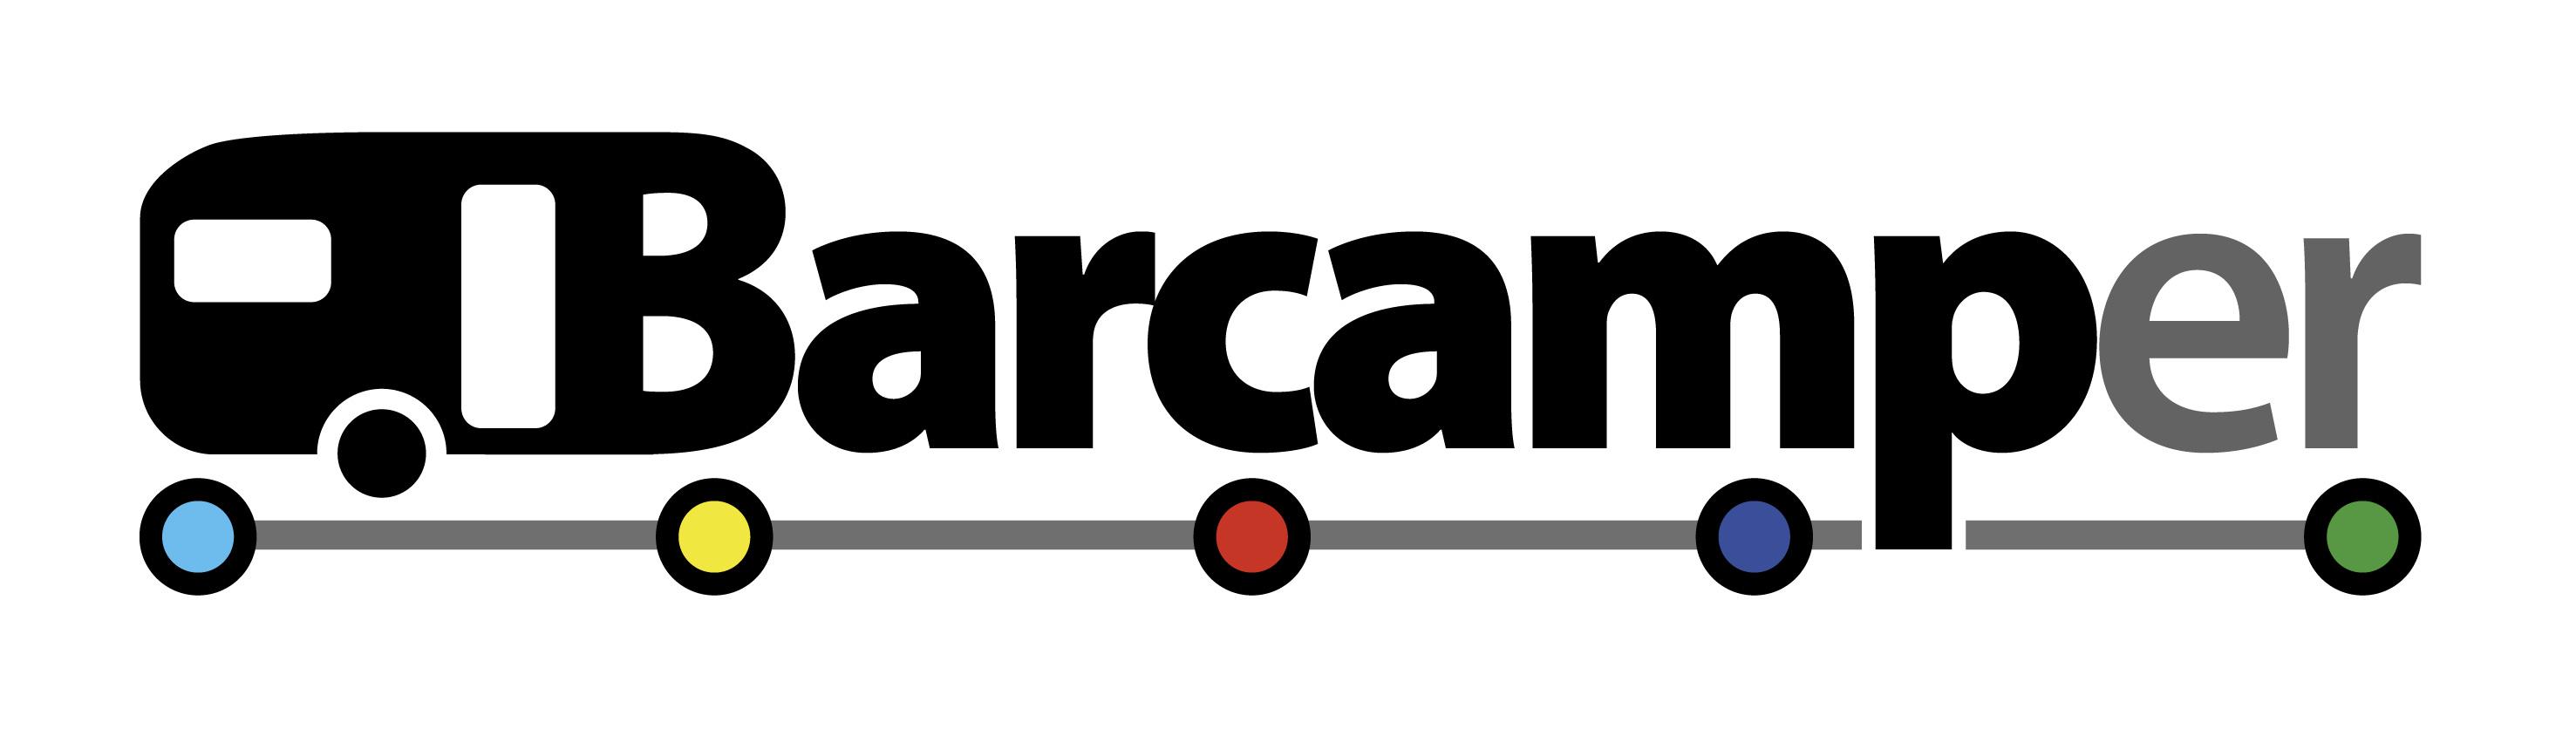 Barcamper seleziona i giovani con le idee più promettenti per poi formarli per diventare gli imprenditori del domani.